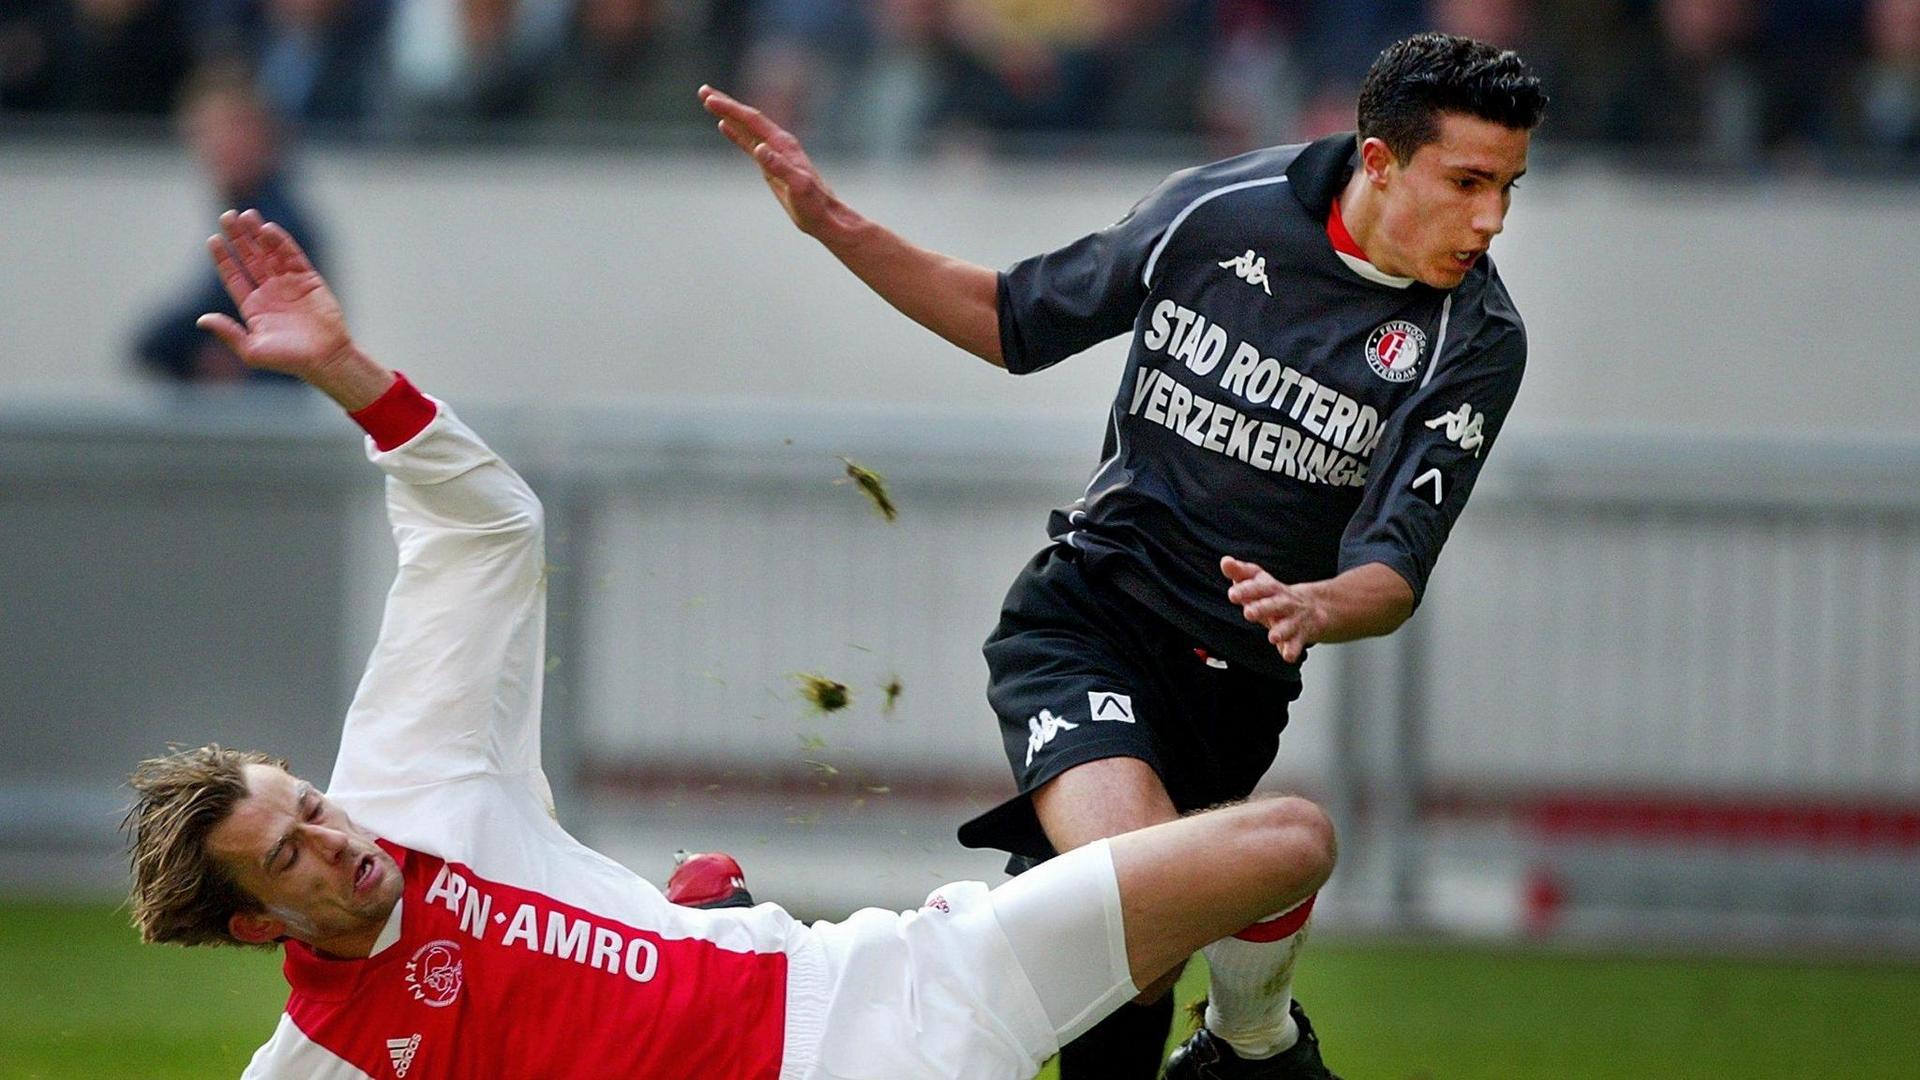 Andre Bergdoelmo Robin van Persie Ajax Feyenoord 03032002